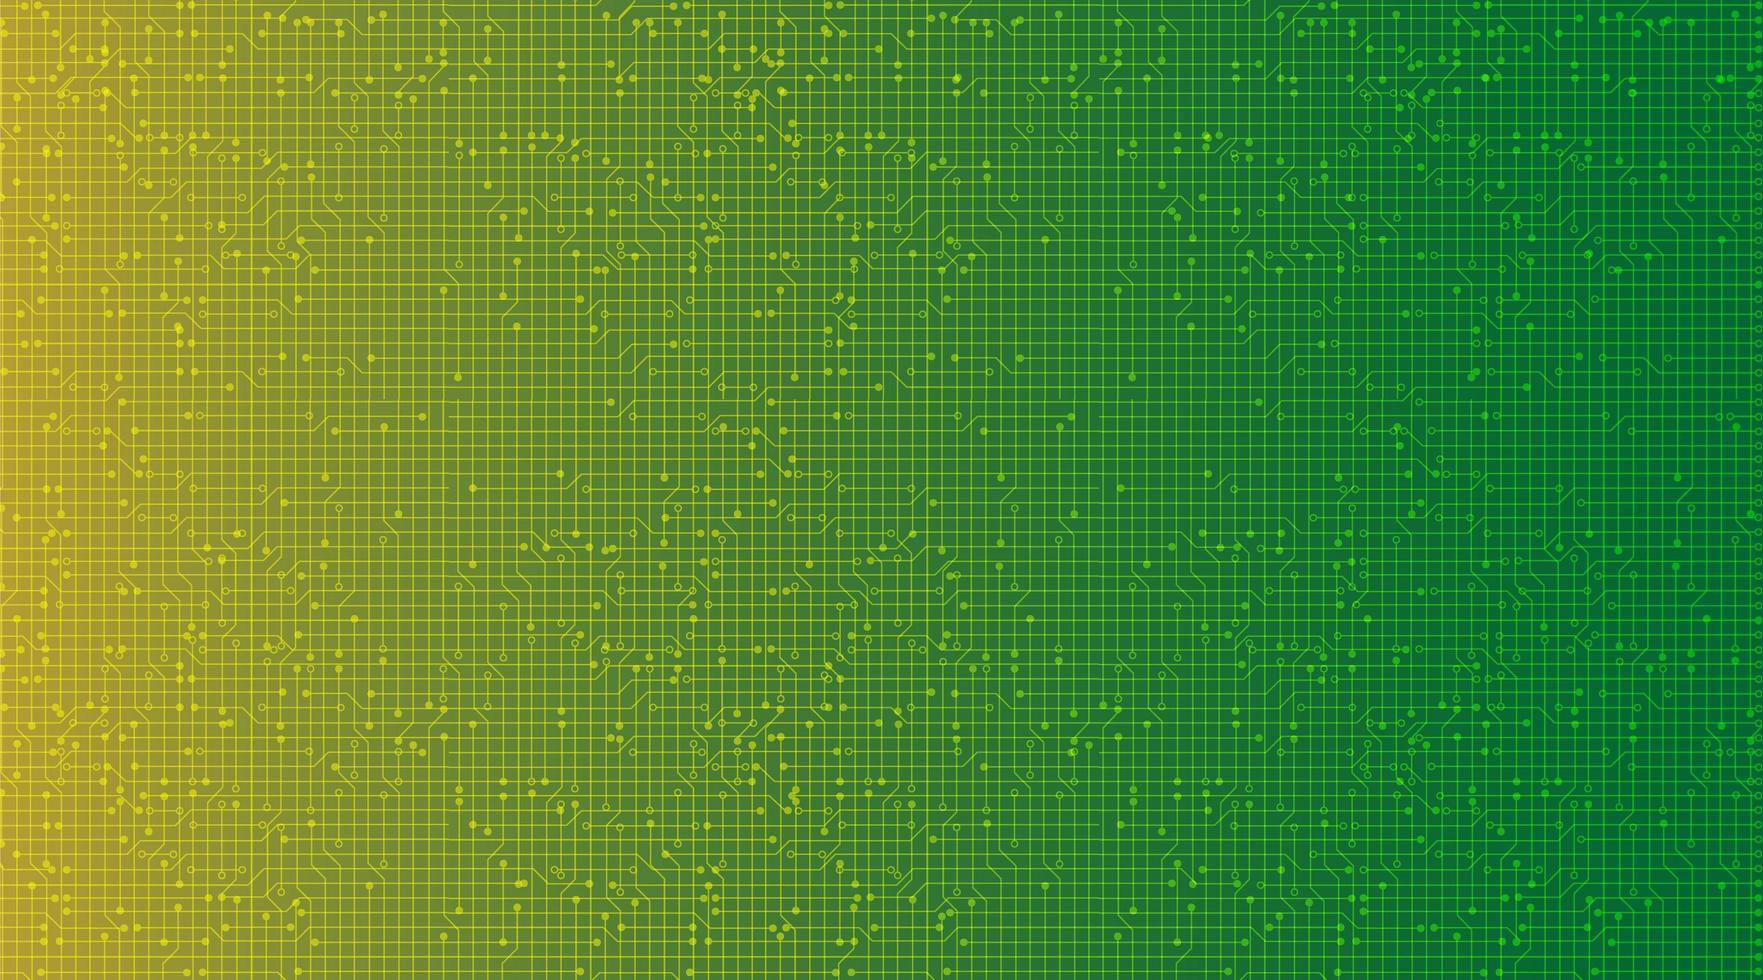 fundo de tecnologia verde e amarelo, design de conceito digital e de comunicação de alta tecnologia, espaço livre para texto colocado, ilustração vetorial. vetor